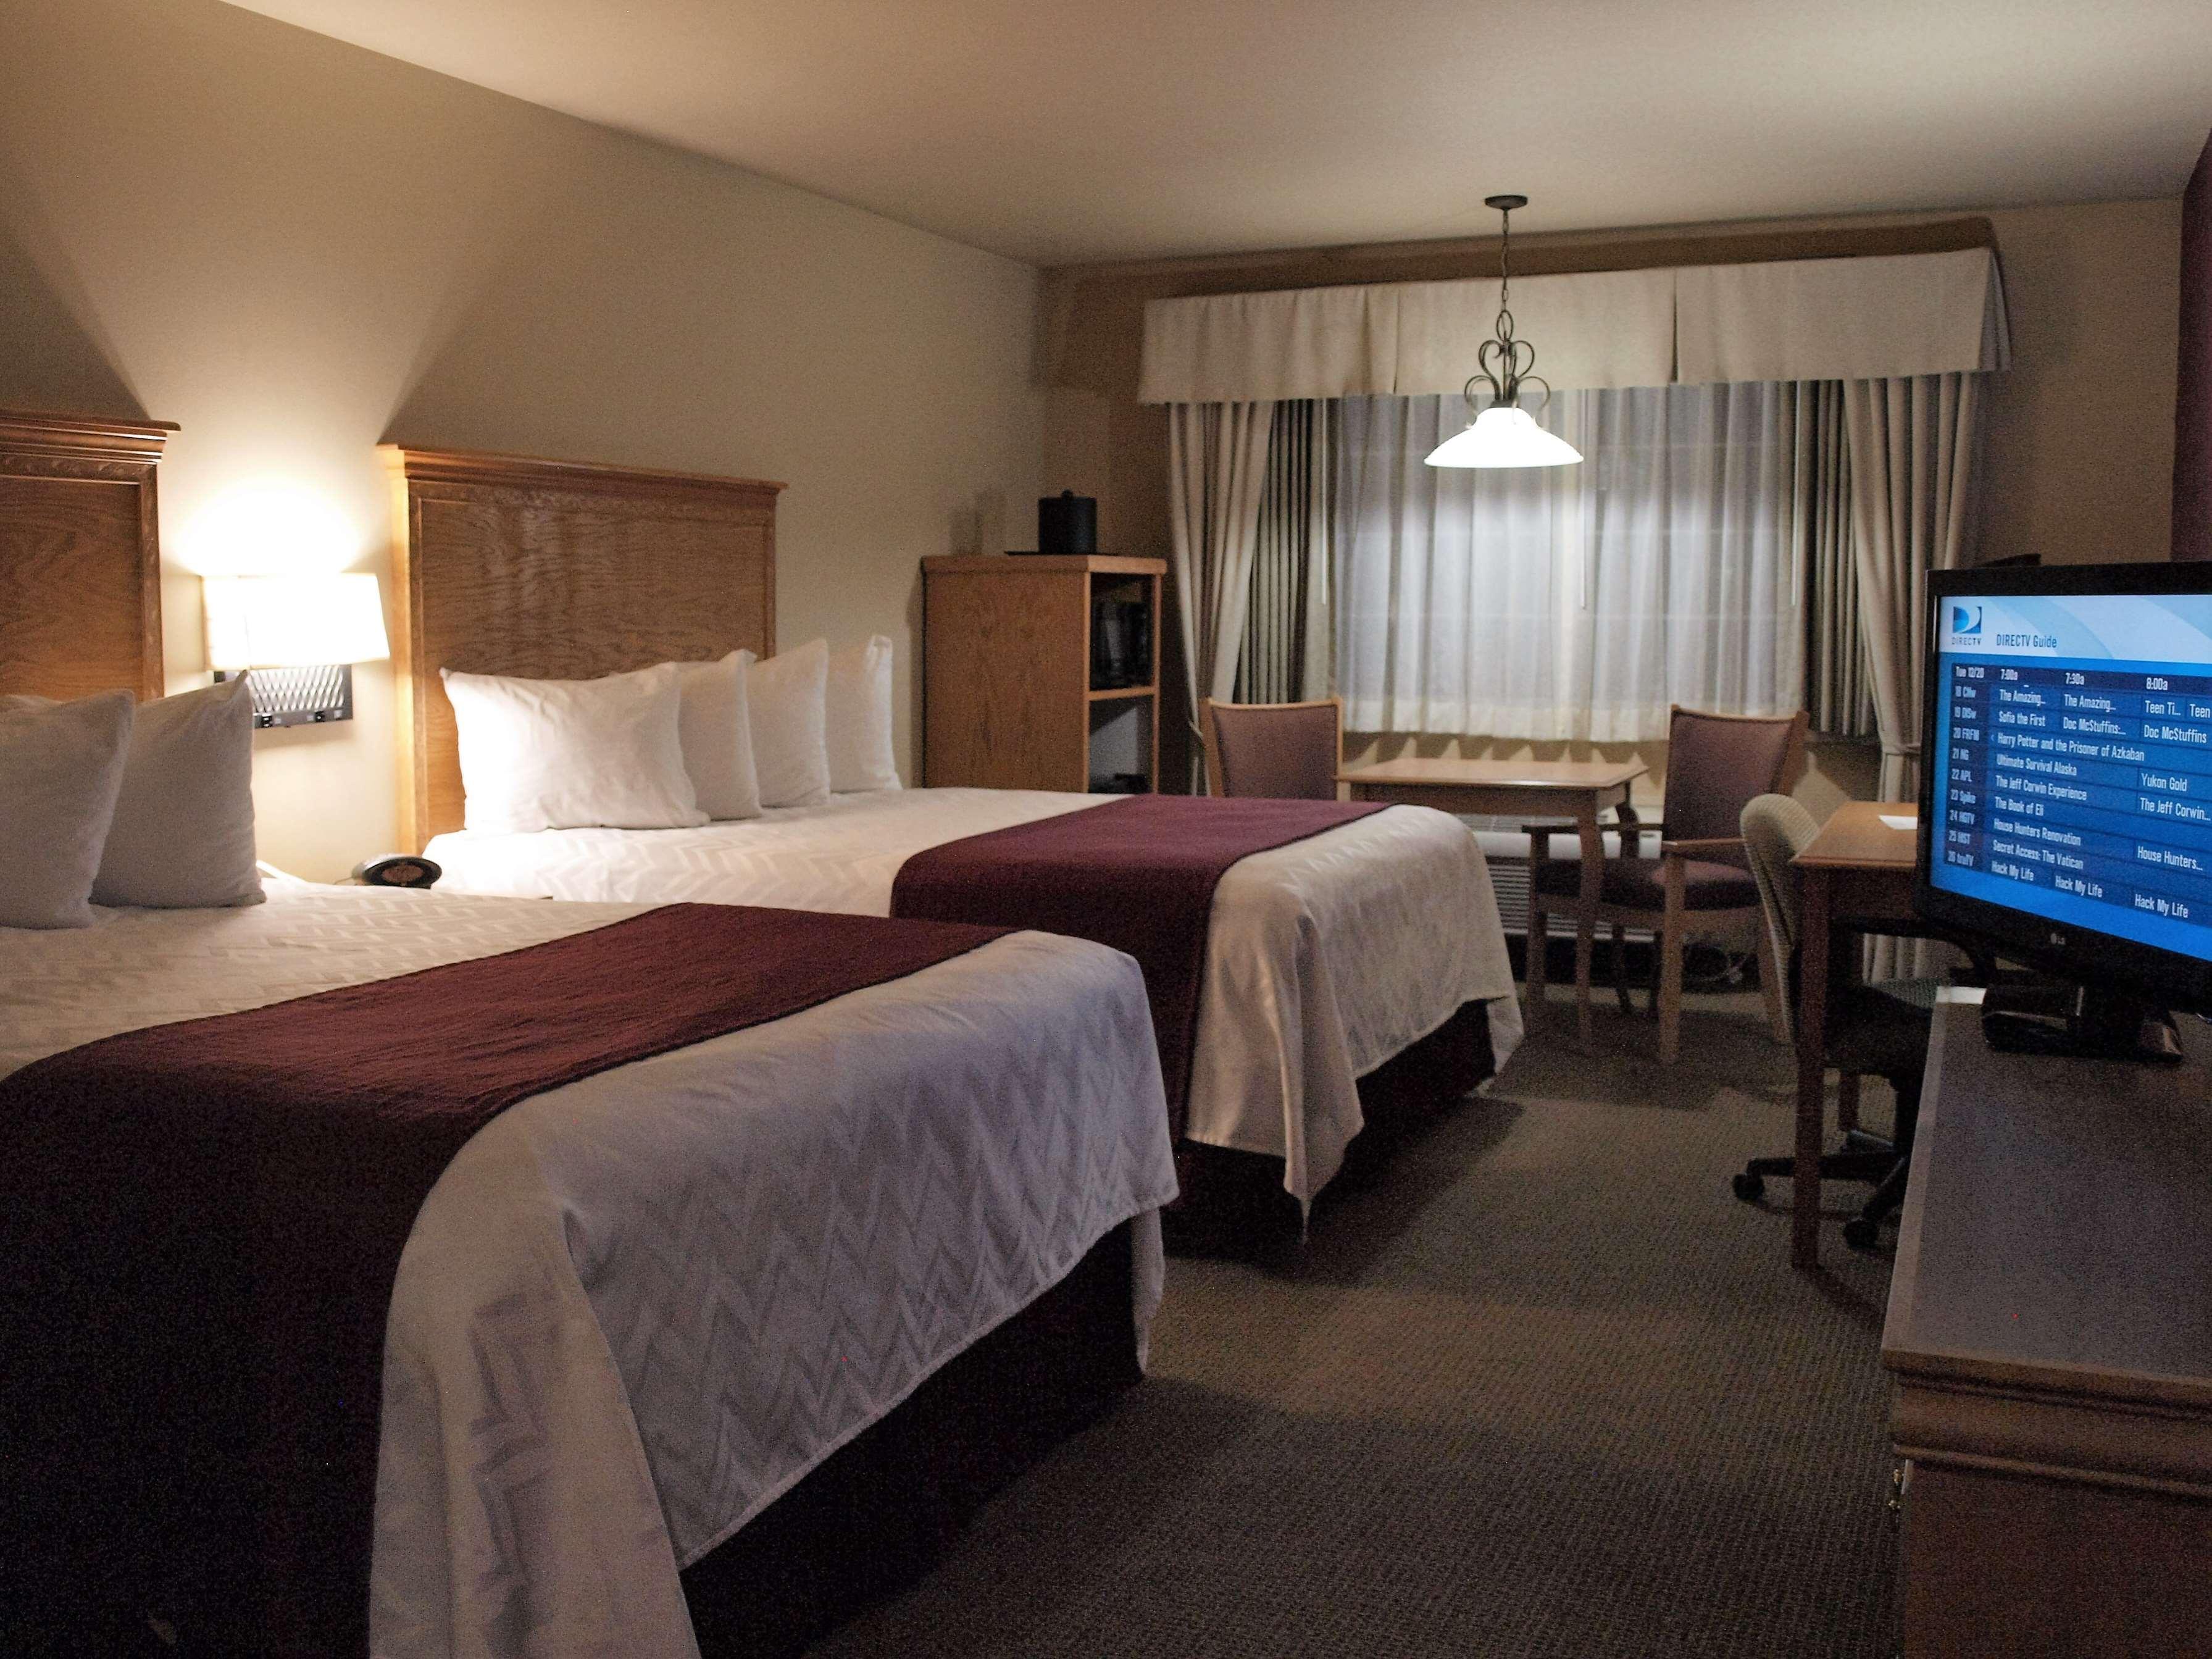 Best Western Plus Caldwell Inn & Suites image 31